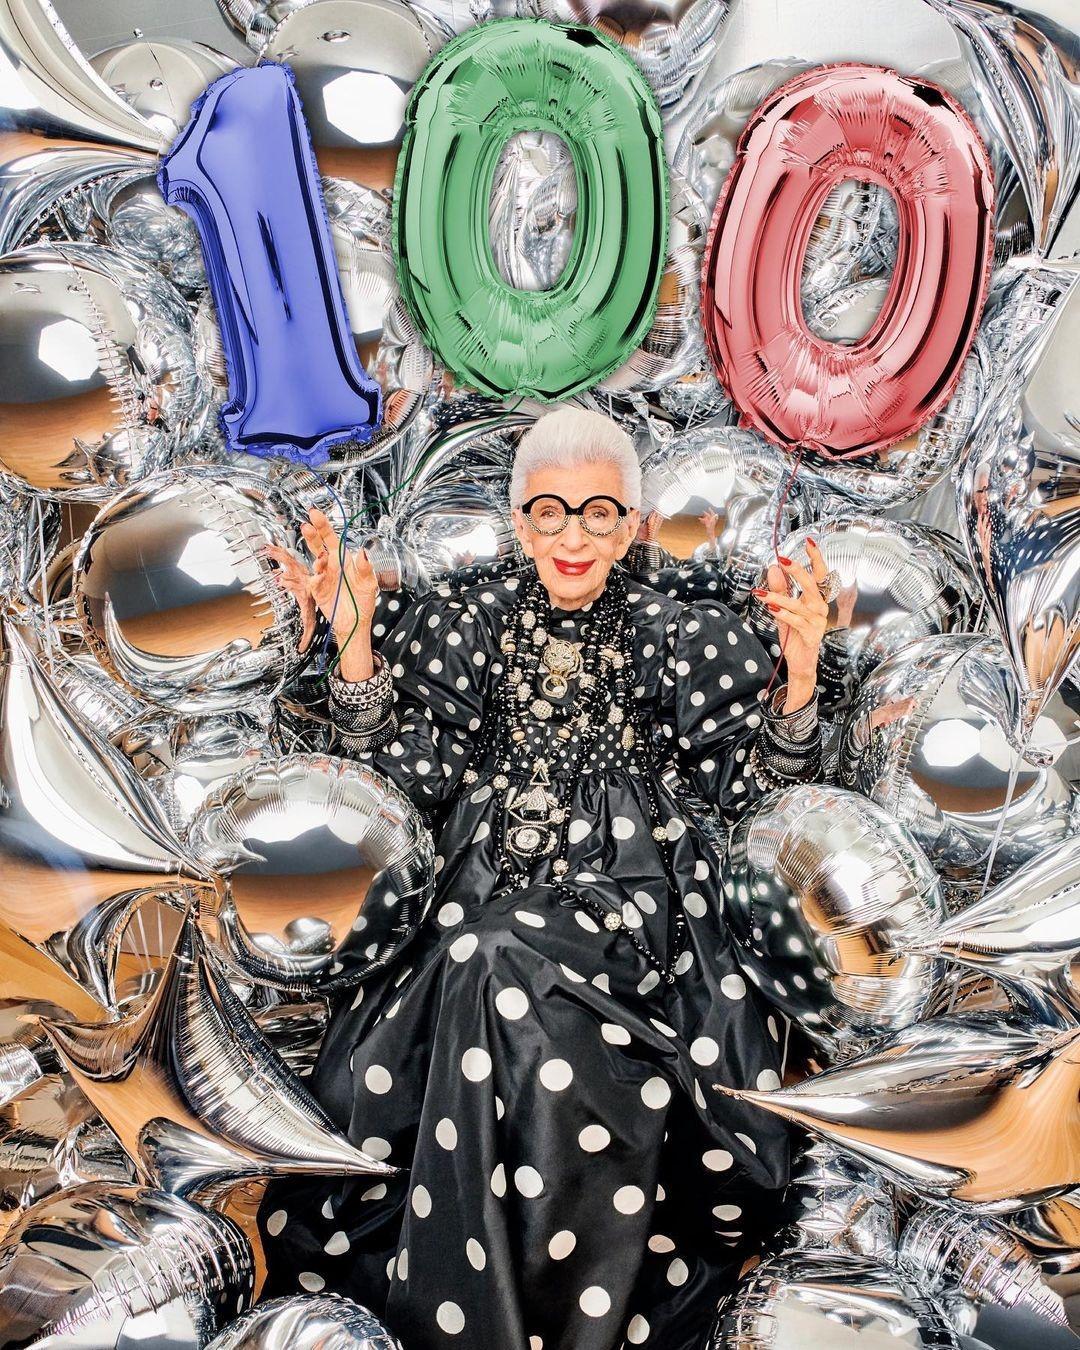 «Я просто самый старый подросток в мире»: интервью со 100-летней иконой стиля Айрис Апфель о планах на будущее